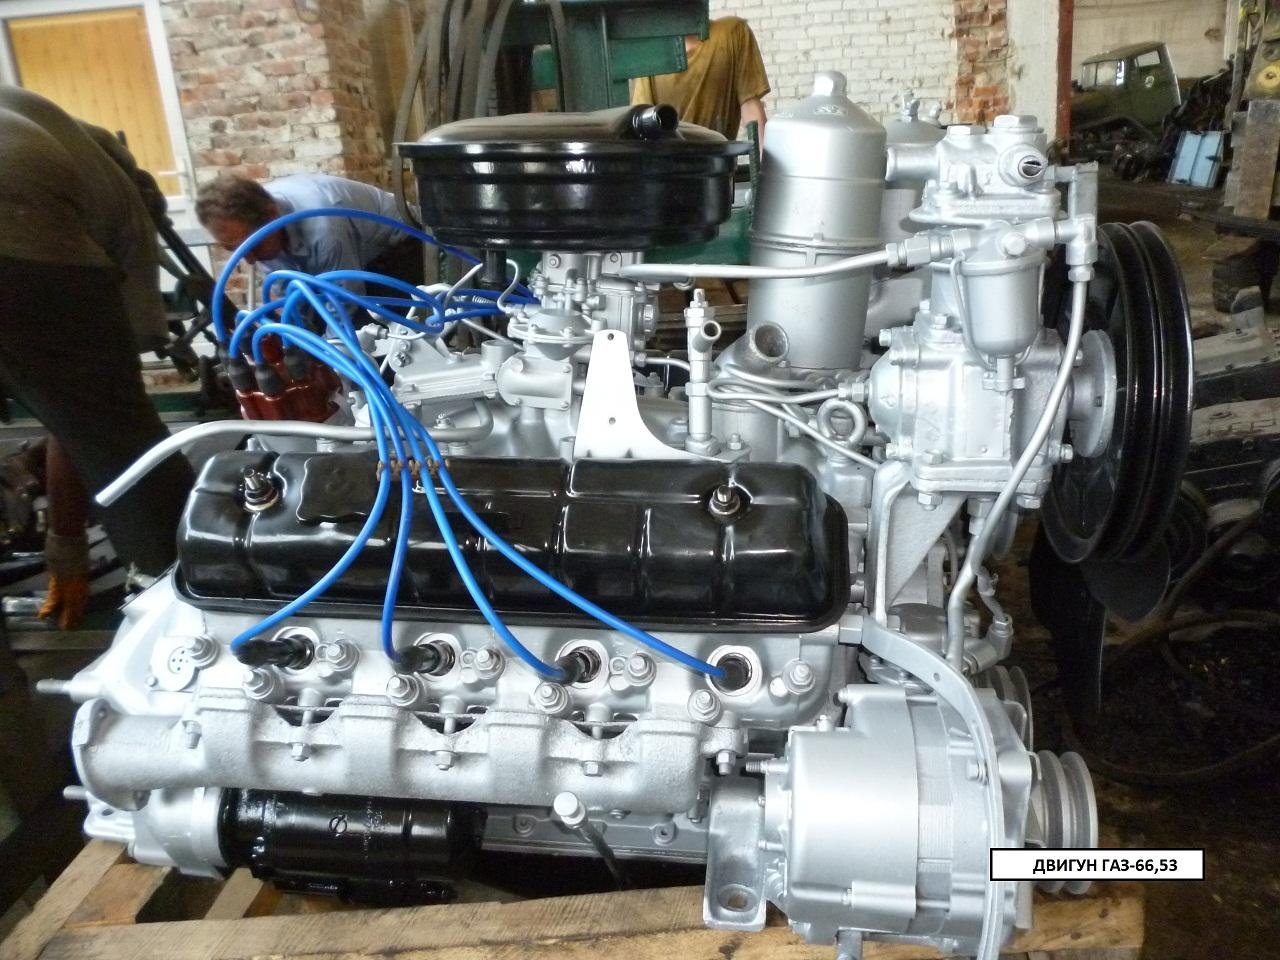 Запчастини ГАЗ-66,53, зображення 1